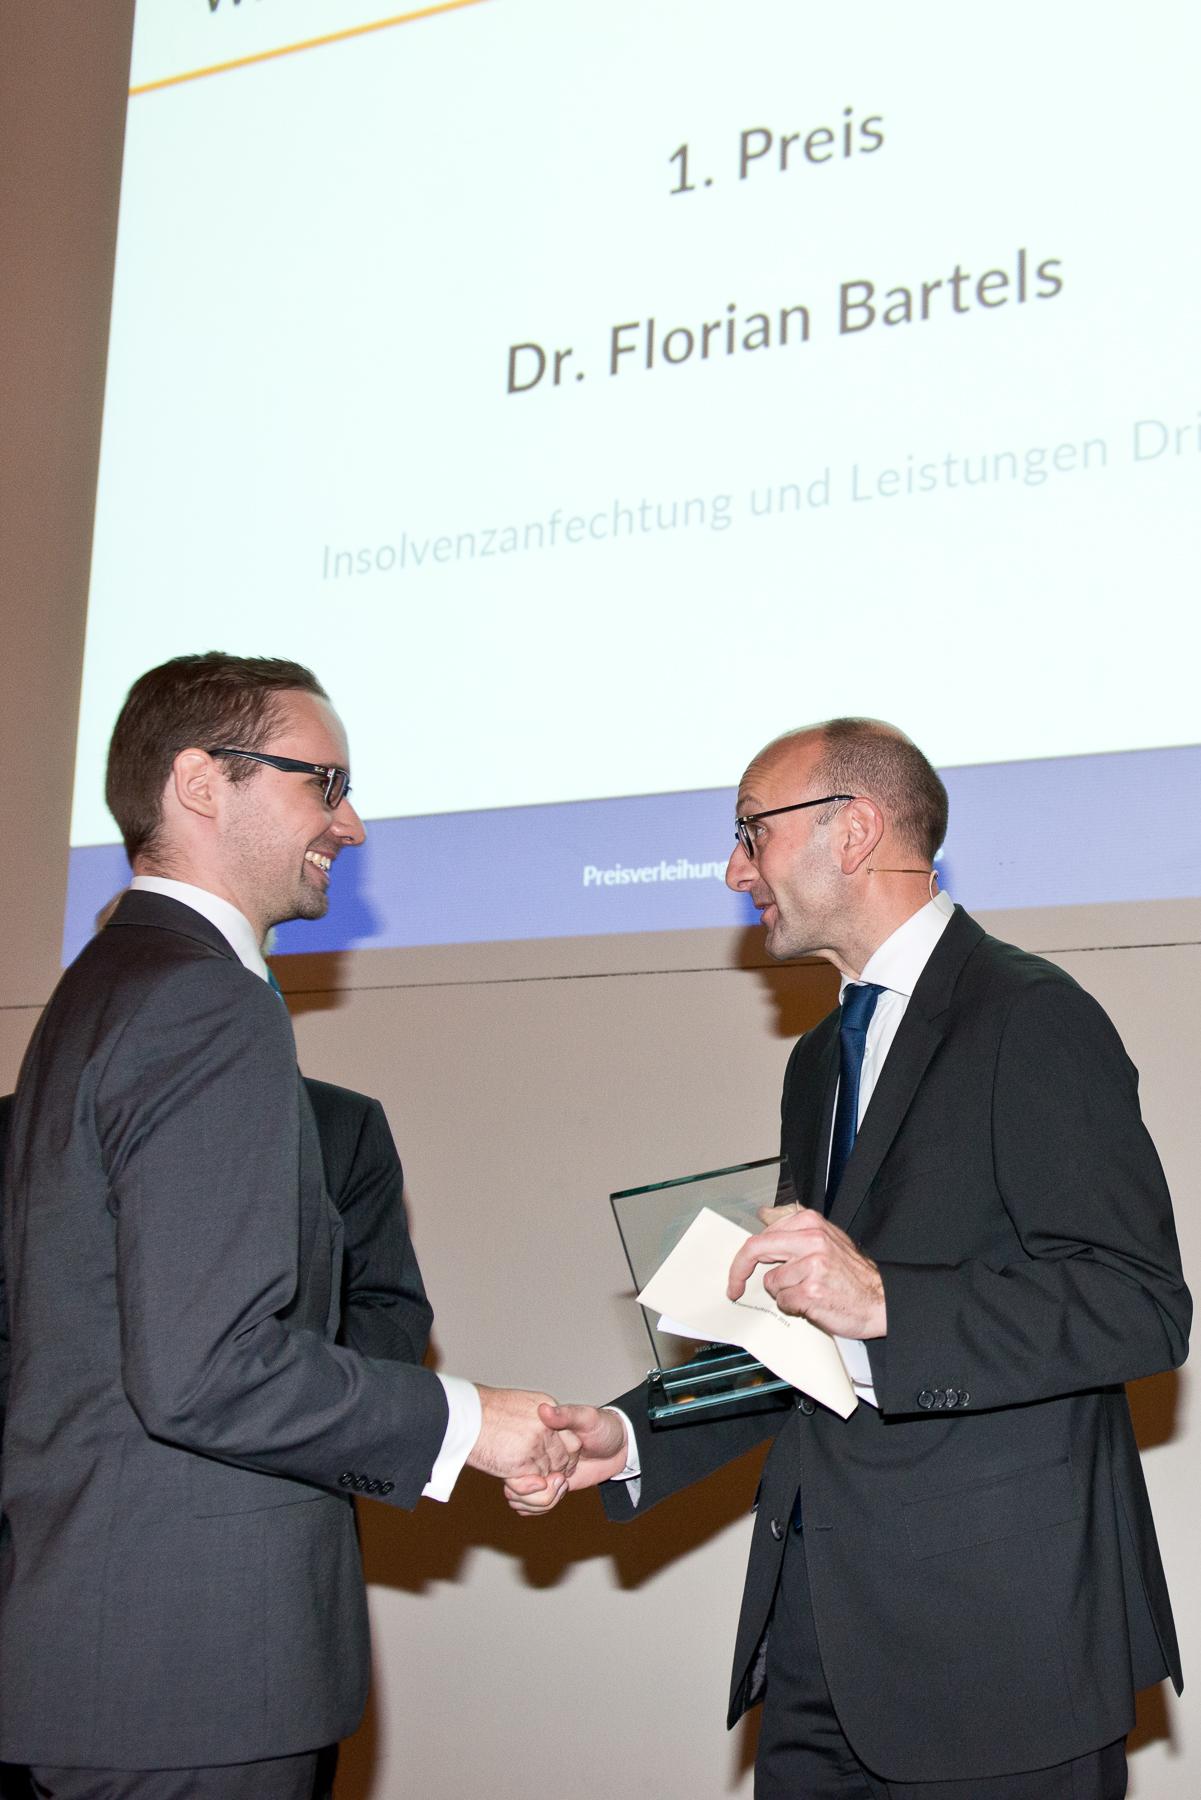 Dr Florian Bartels (winner), Prof. Lucas F. Flöther